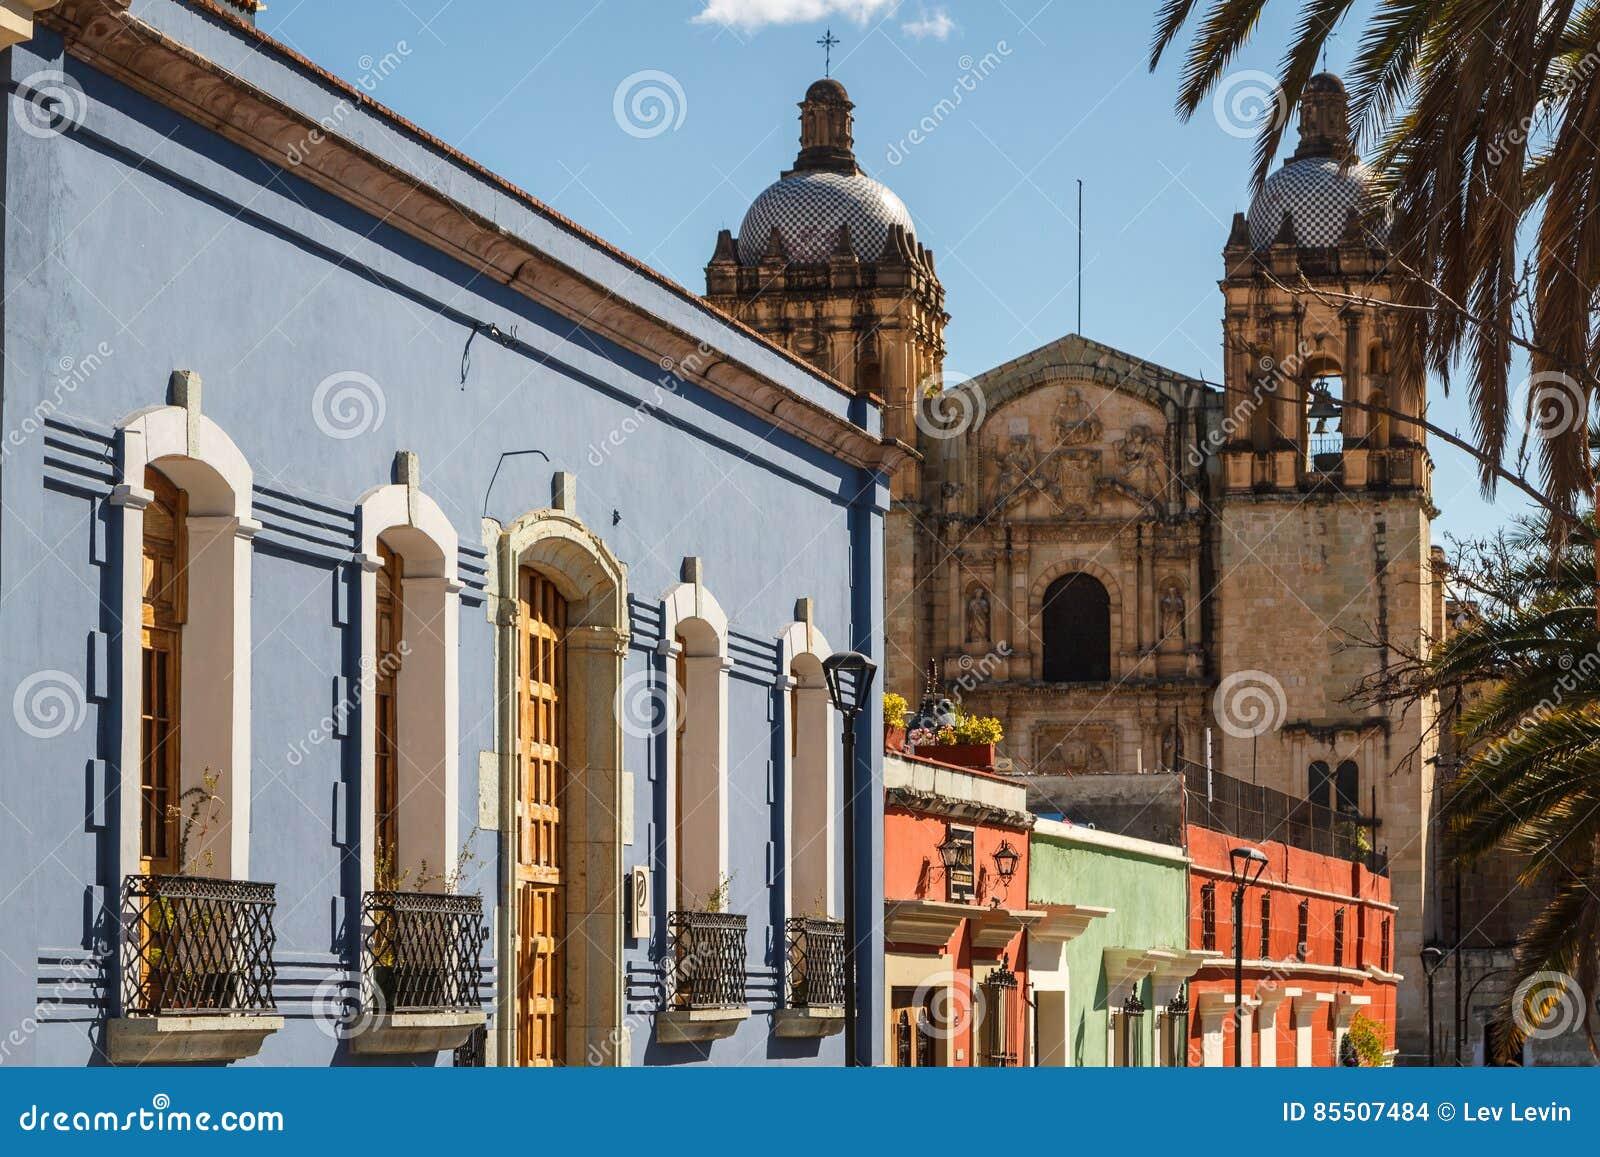 Koloniale voorgevels in het historische centrum van Oaxaca